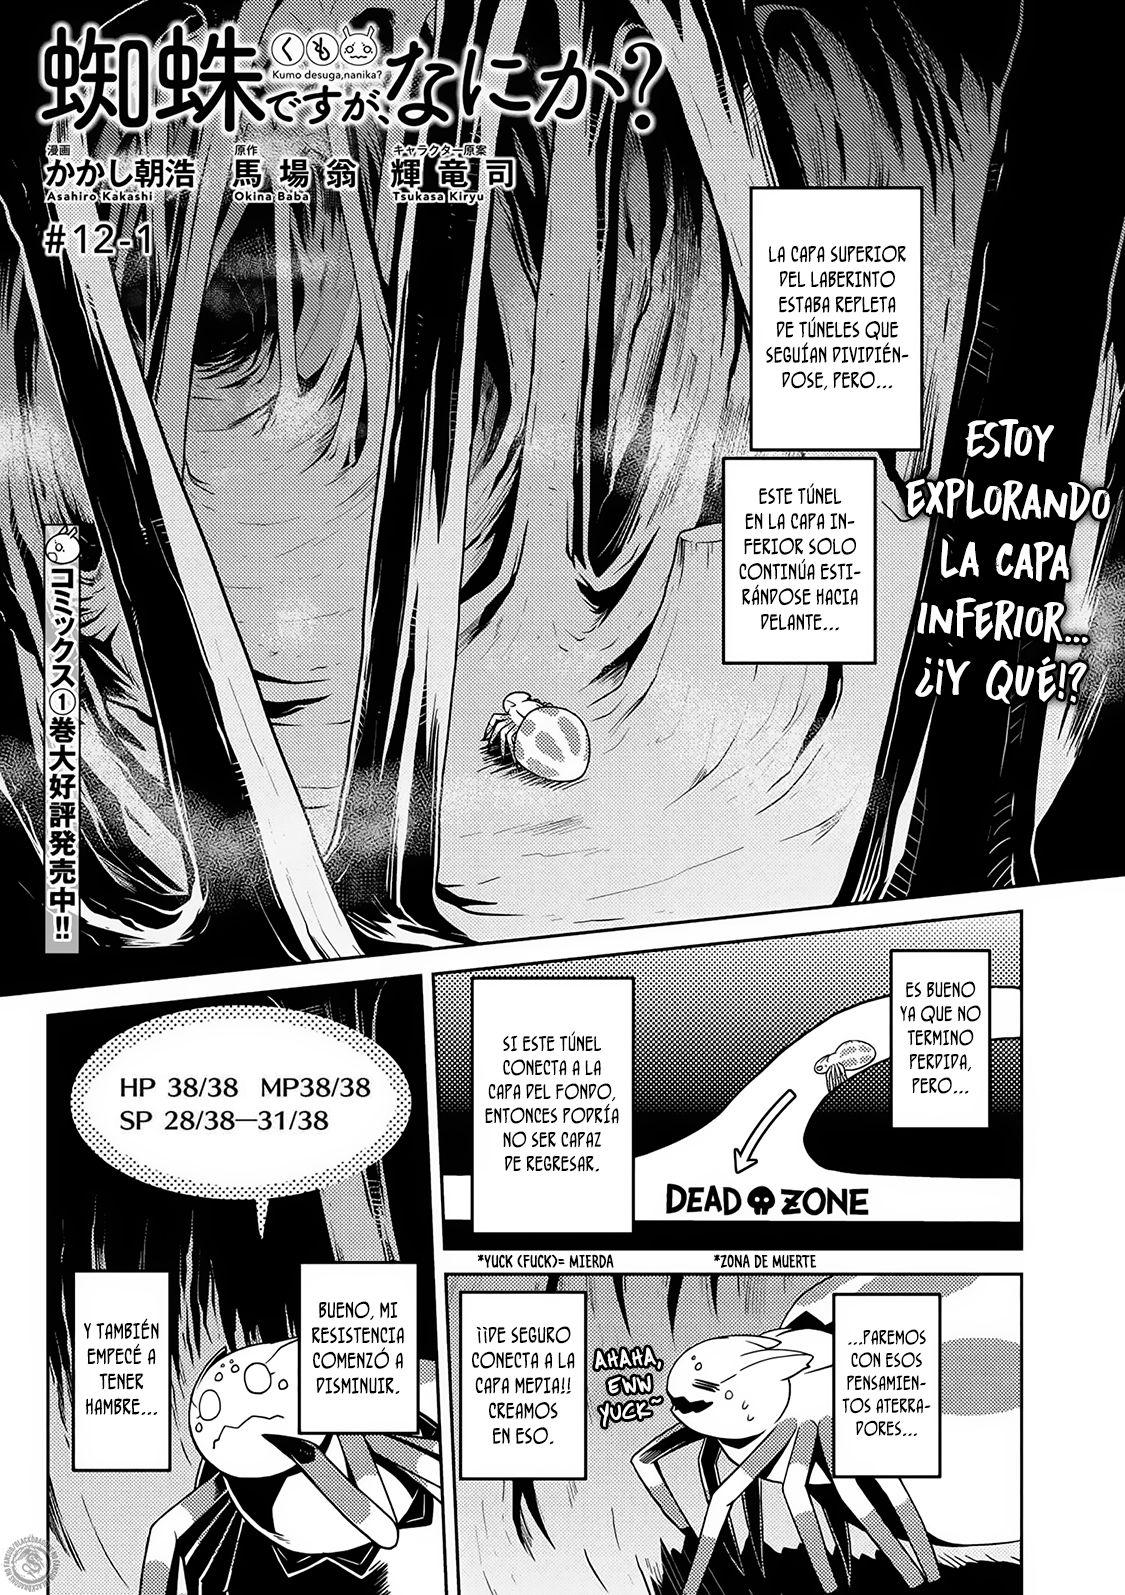 http://c5.ninemanga.com/es_manga/pic2/59/18683/512515/a02b31e615fdb0ca3dbb5ca5408da418.jpg Page 2